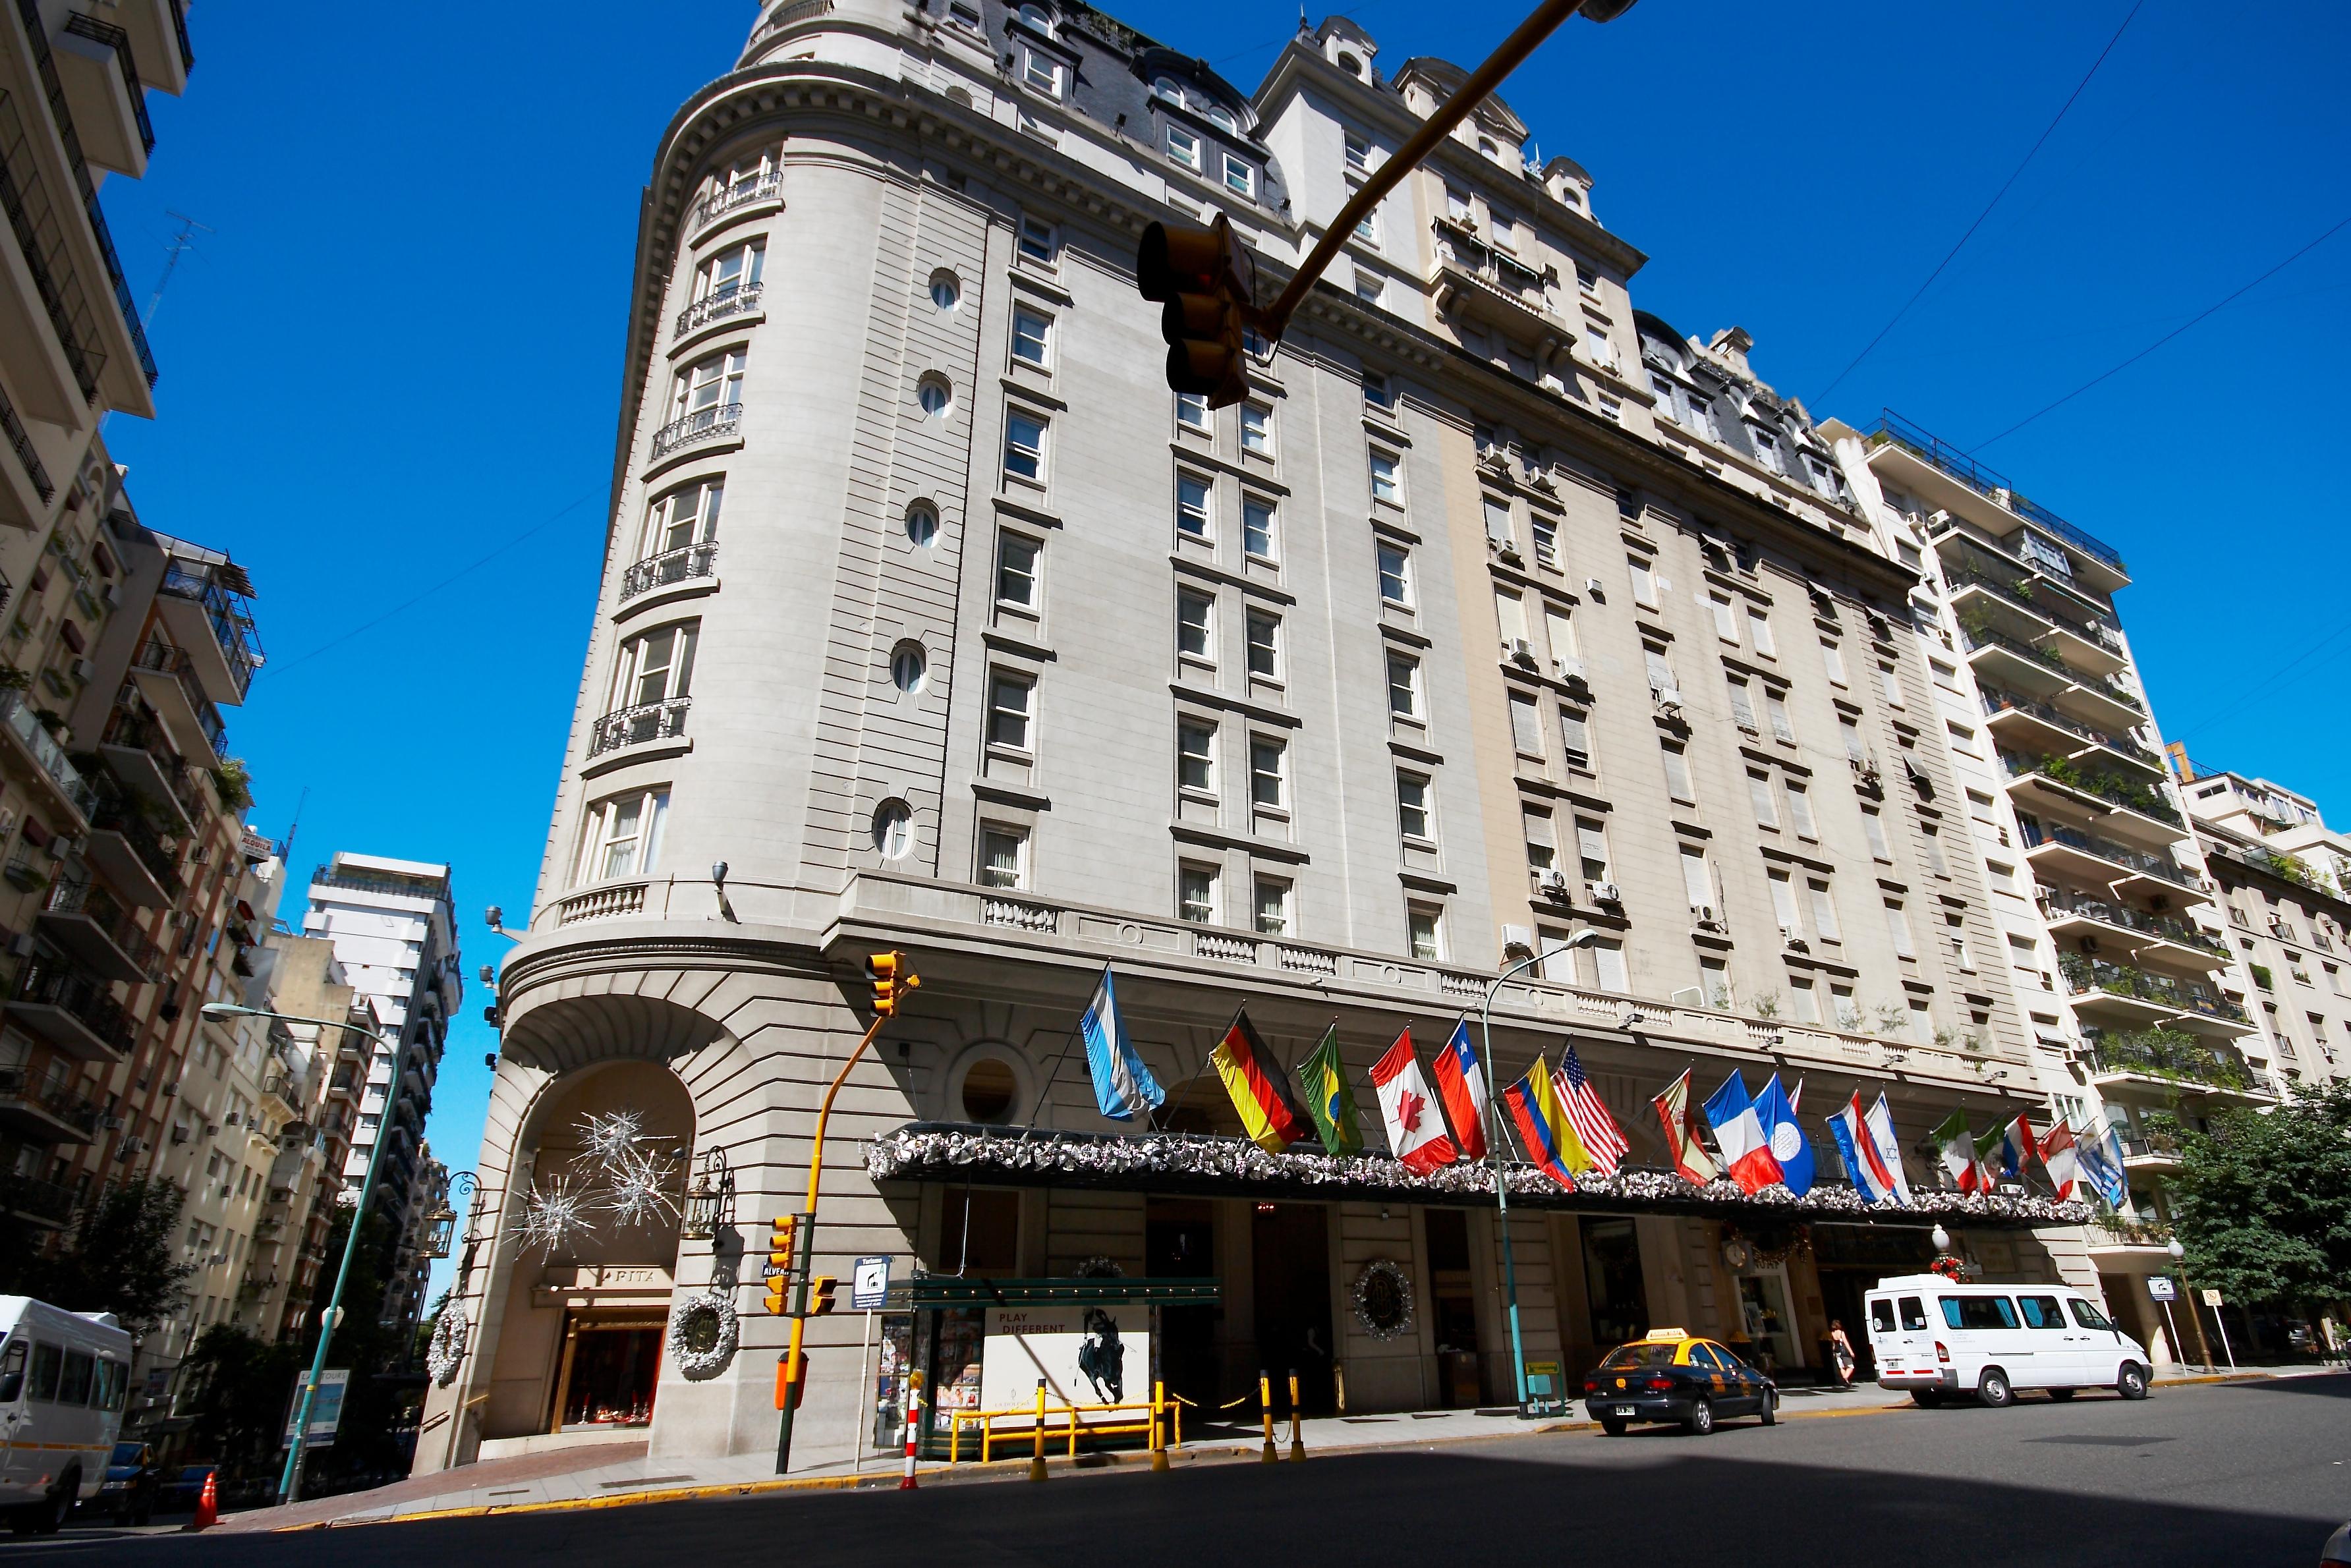 La Ciudad de Buenos Aires, una capital que enamora